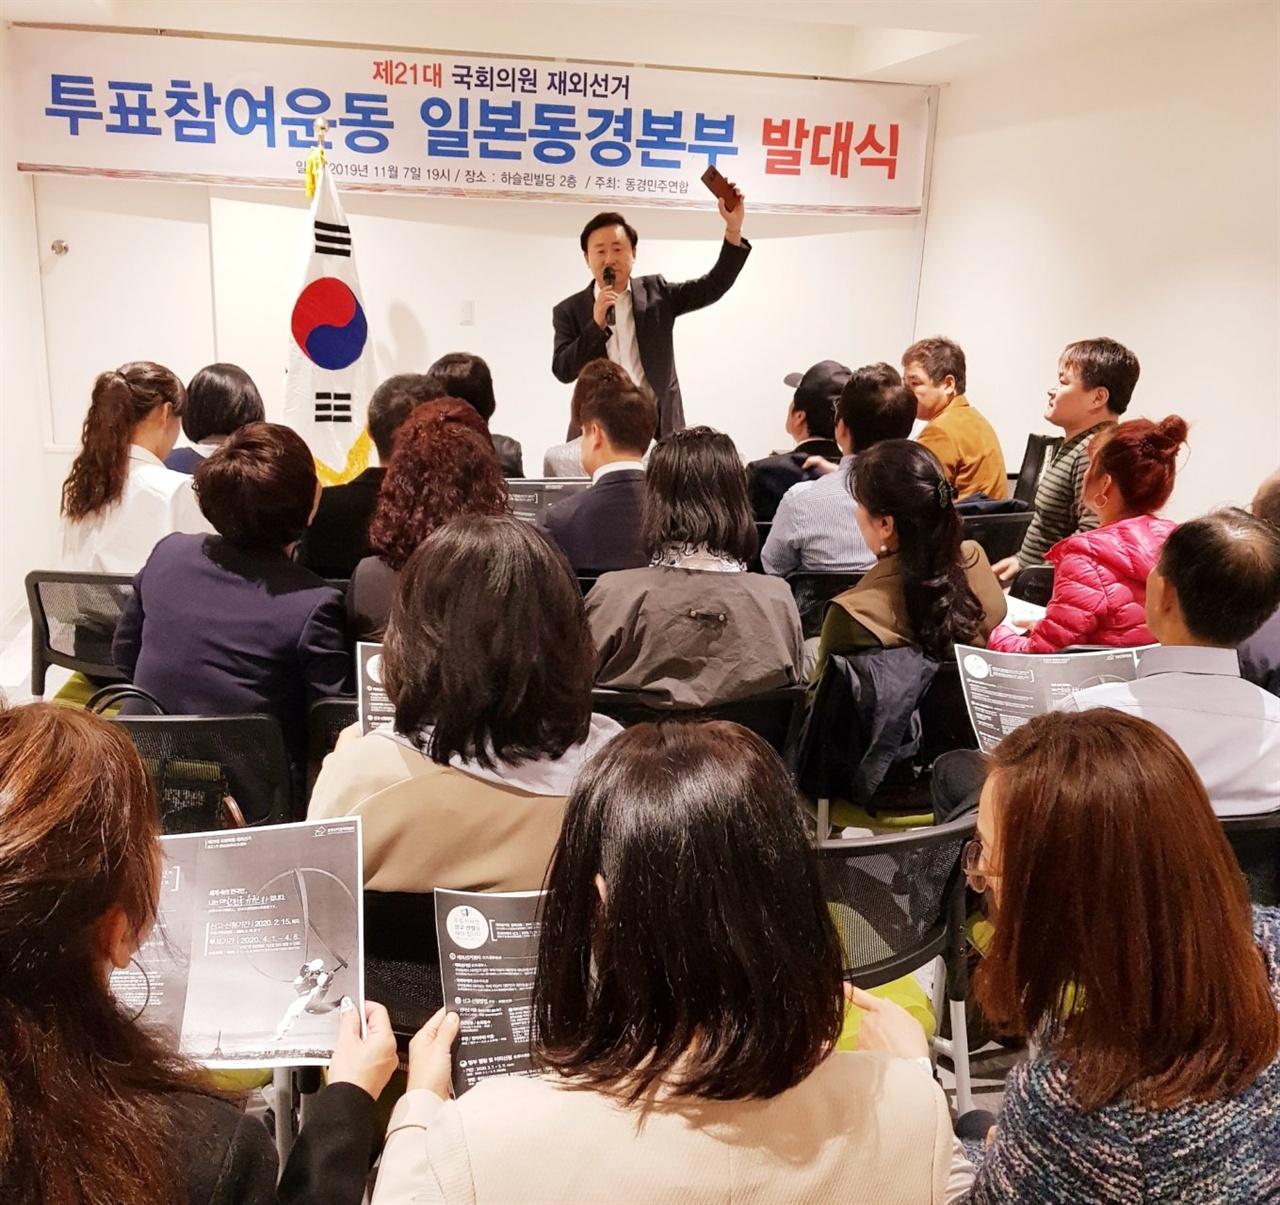 투표참여운동  도쿄민주연합 김상열 대표가 투표를 하기 위해 반드시 사전에 해야할 사안들에 대해 설명하고 있다.